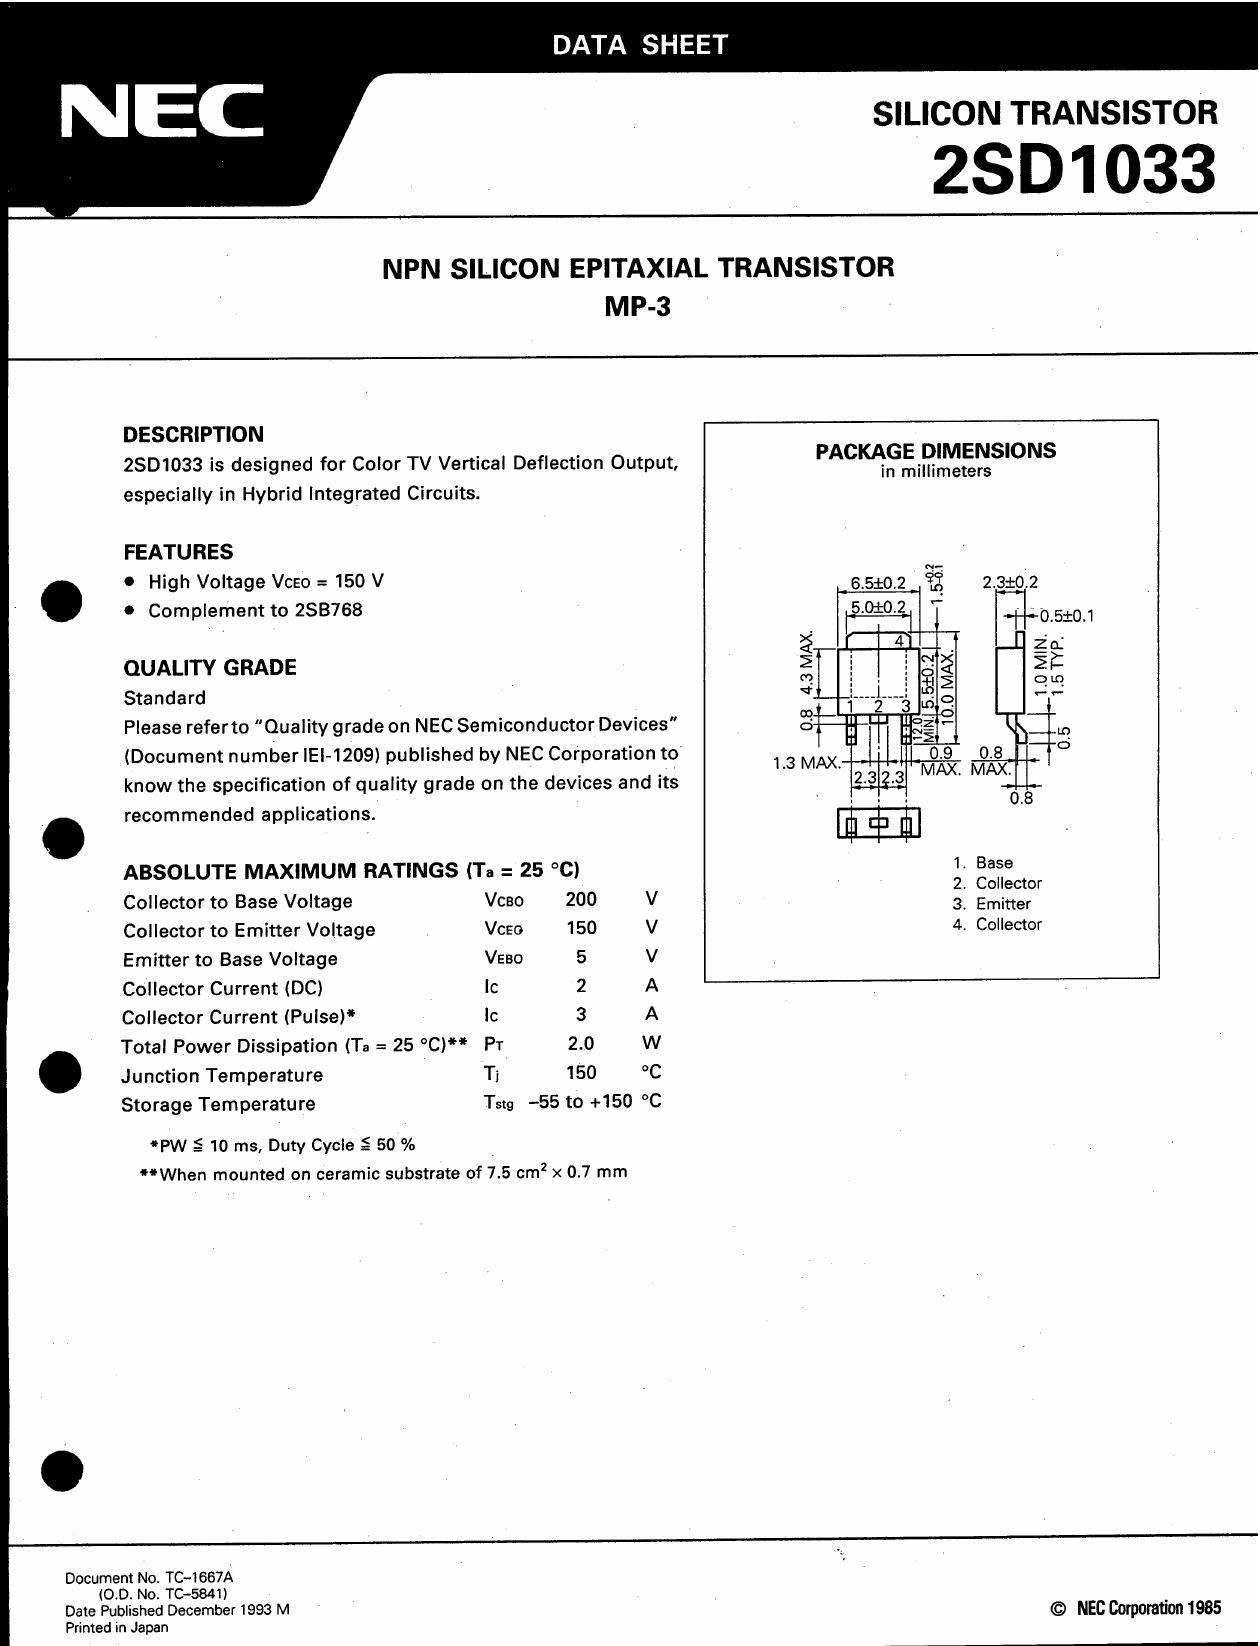 D1033 datasheet